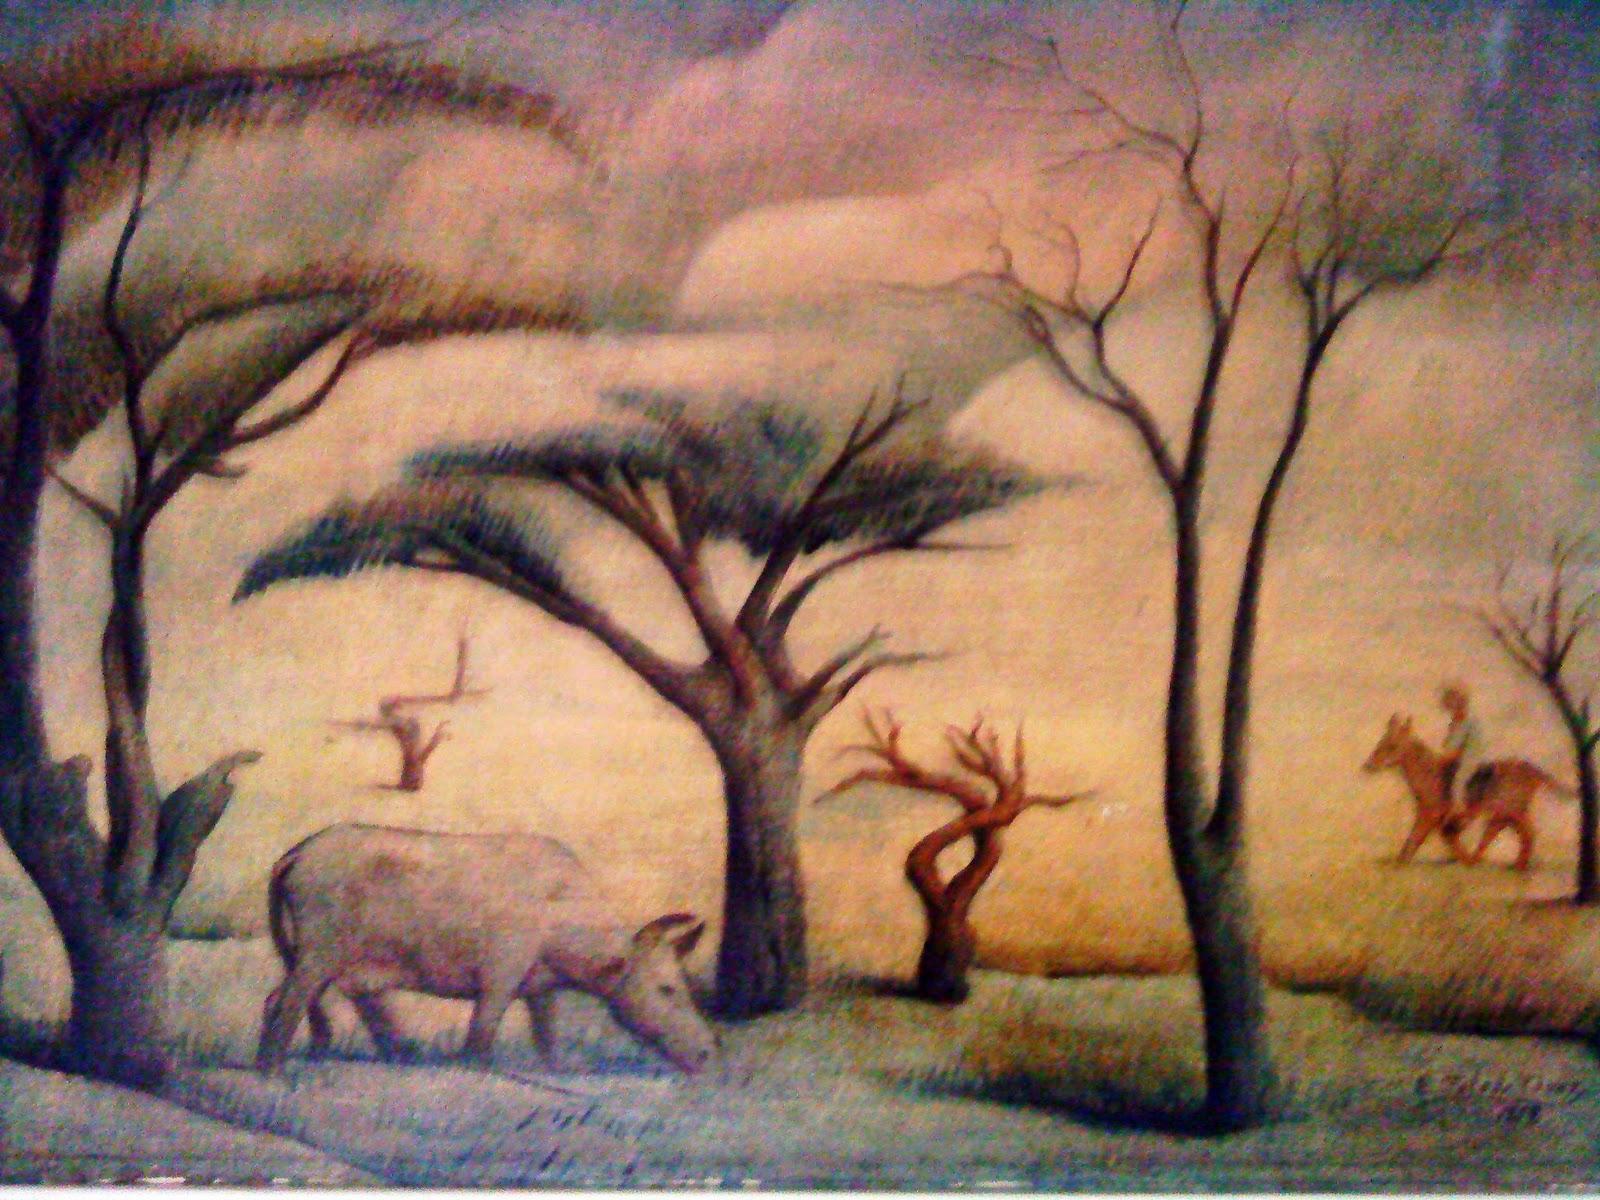 Que significa los arboles secos en una pintura imagui for Que significa dibujar arboles secos